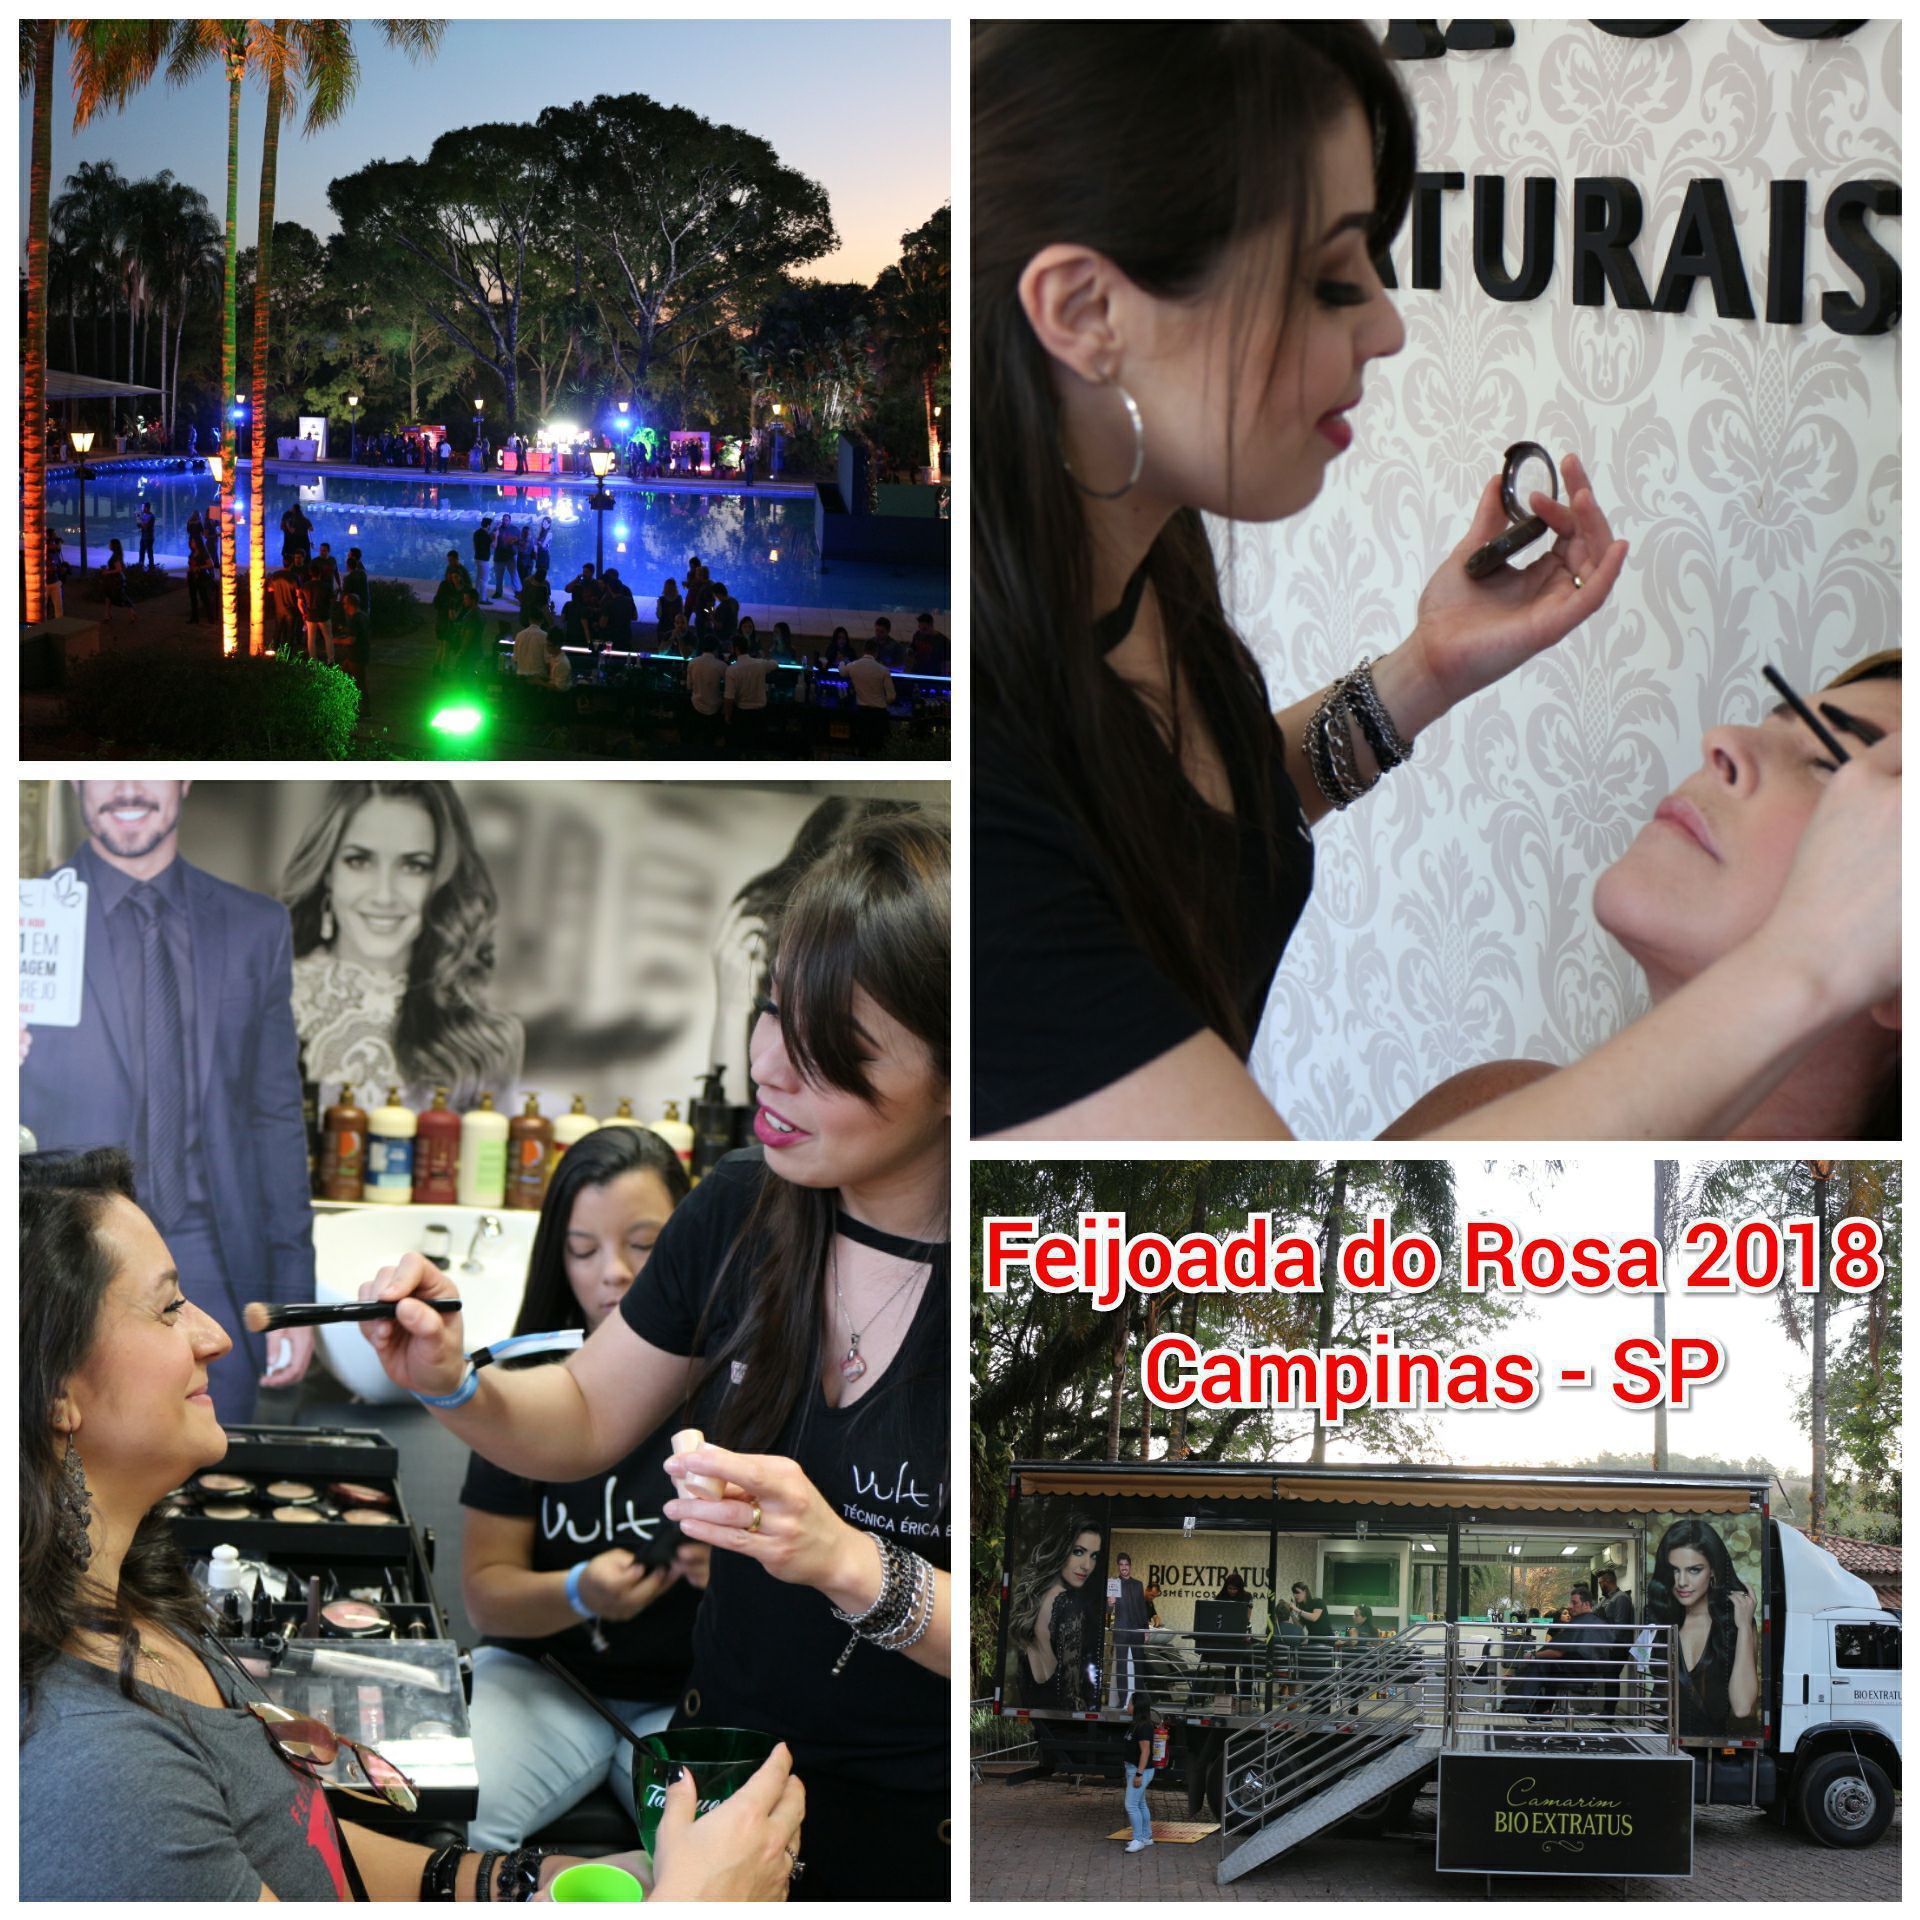 Participação em eventos do interior de São Paulo!  Acima fotos do evento Feijoada do Rosa 2018 realizado na Fazenda Santa Margarida em Campinas-SP. maquiagem maquiador(a) consultor(a)